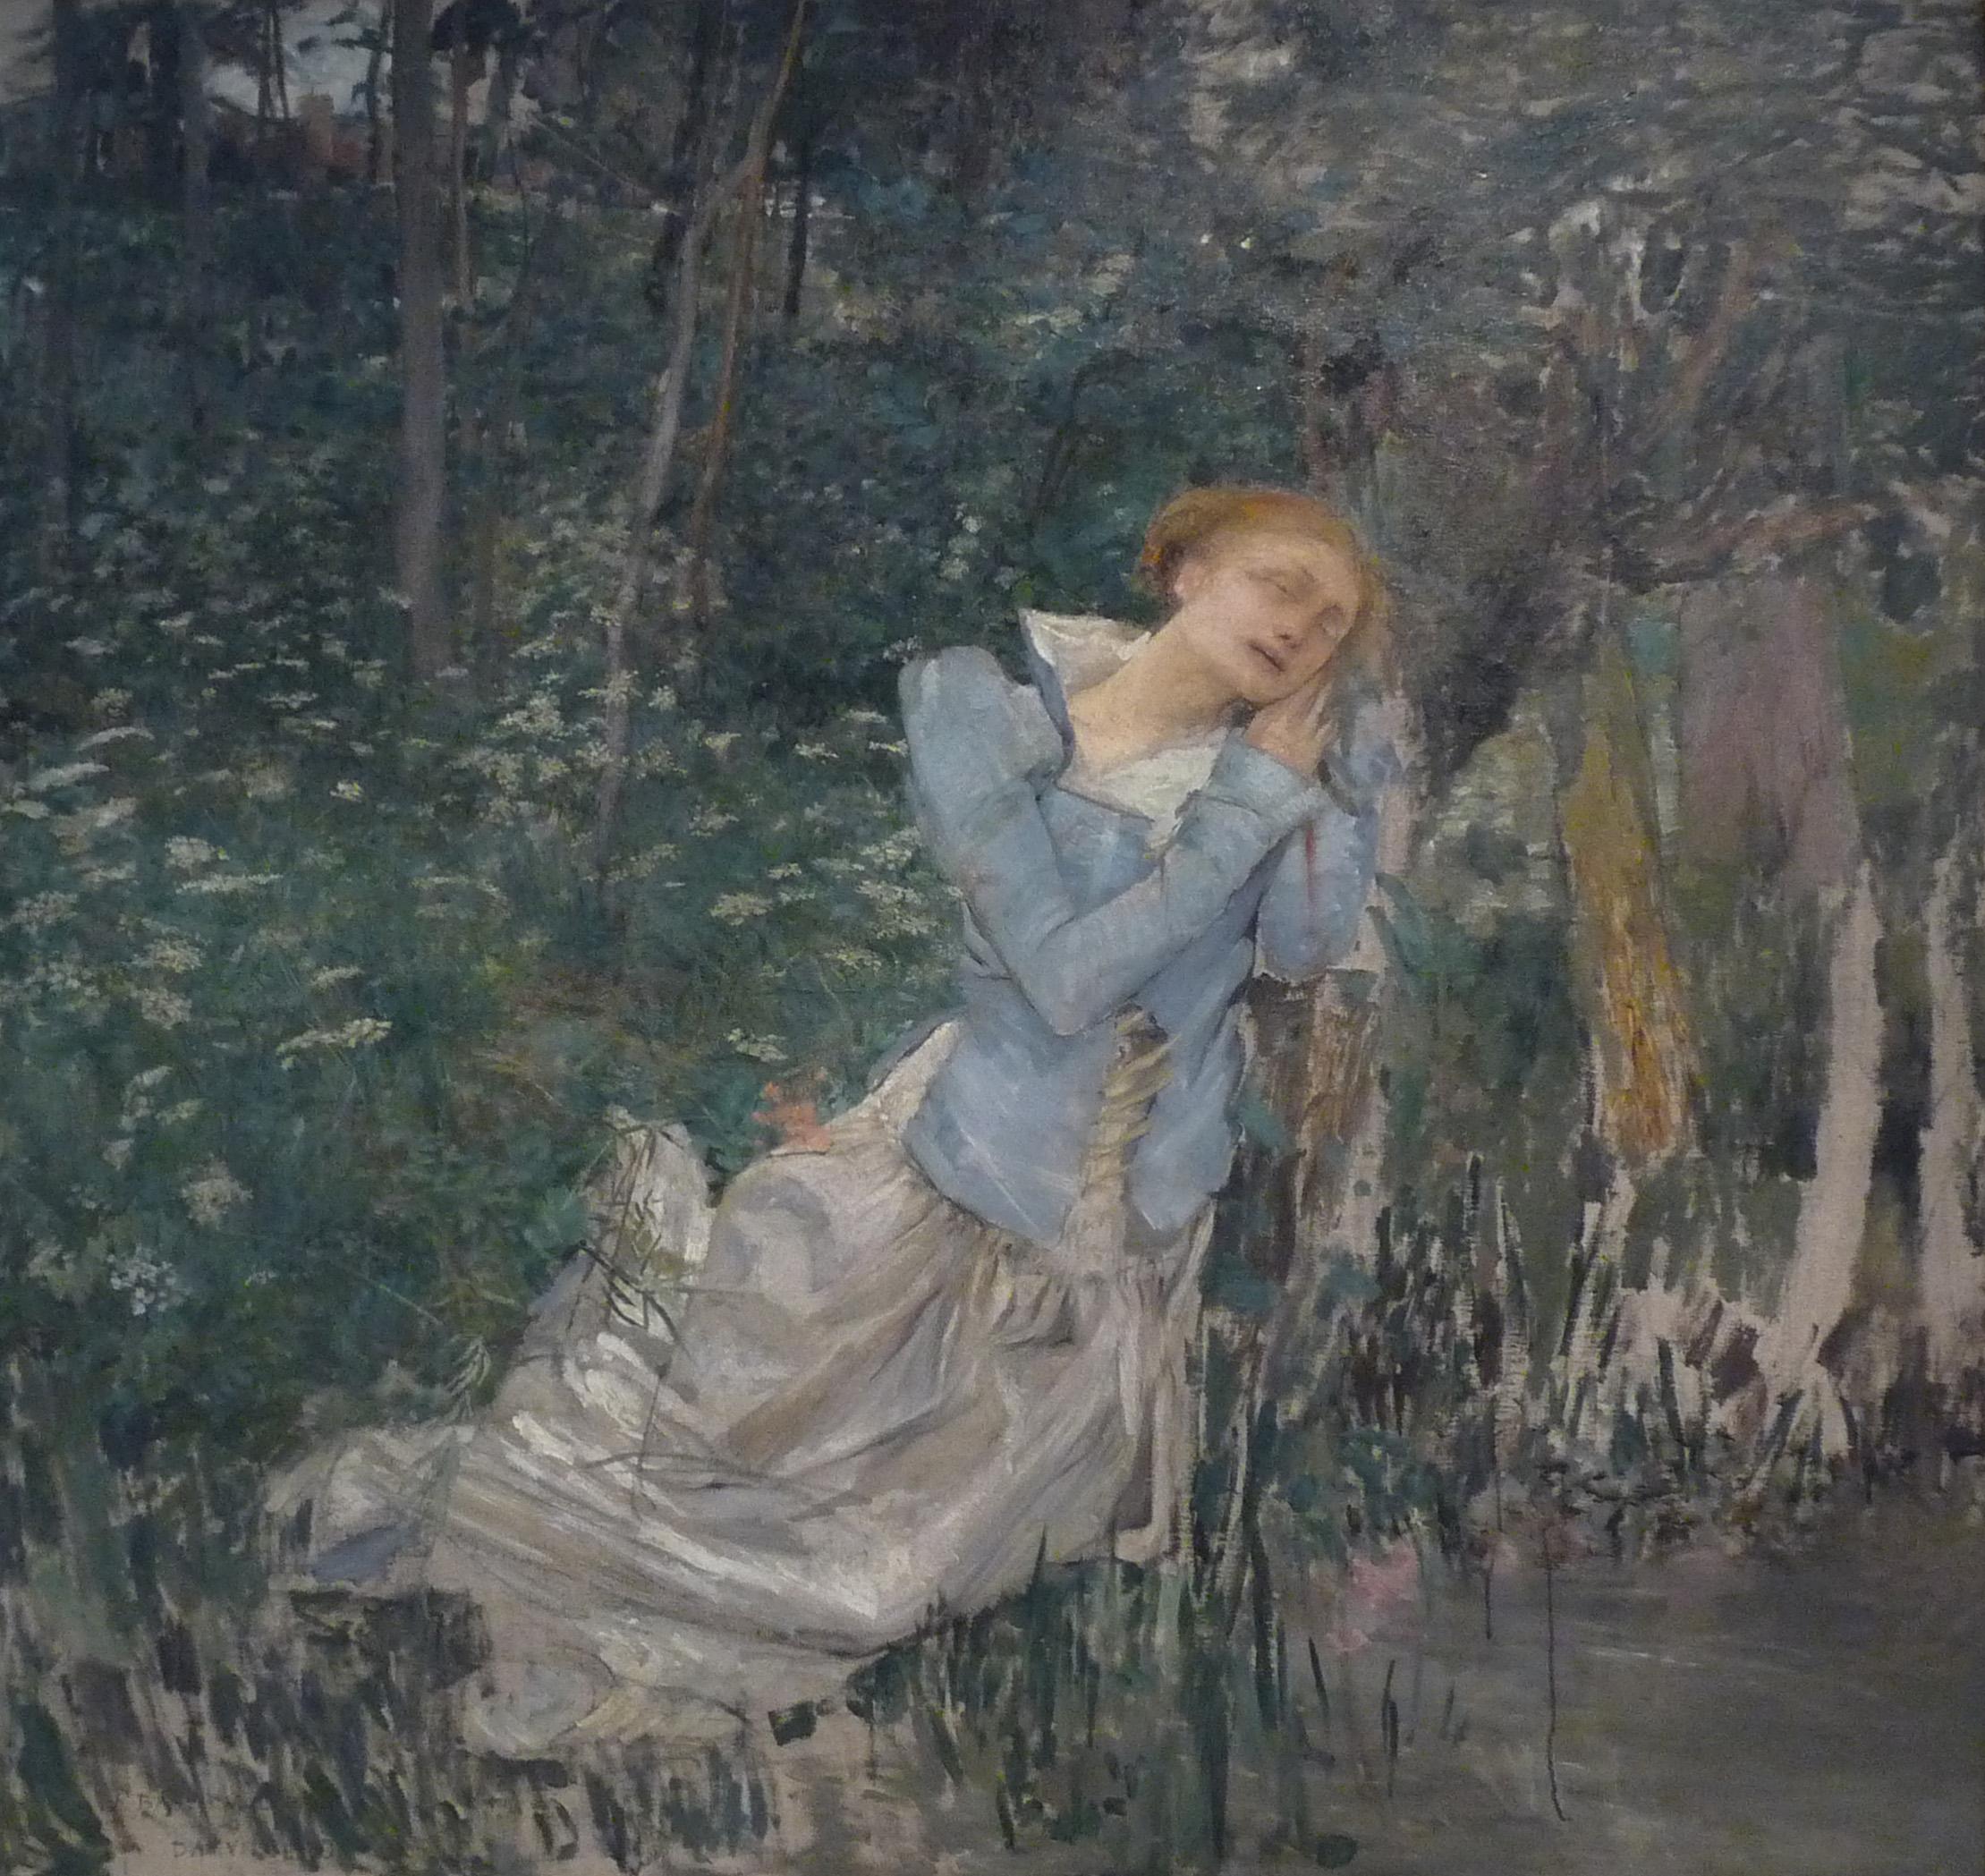 """""""Jules Bastien-Lepage-Ophélie-Musée des beaux-arts de Nancy"""" by Jules Bastien-Lepage - Own work Ji-Elle. Licensed under CC BY-SA 3.0 via Wikimedia Commons"""